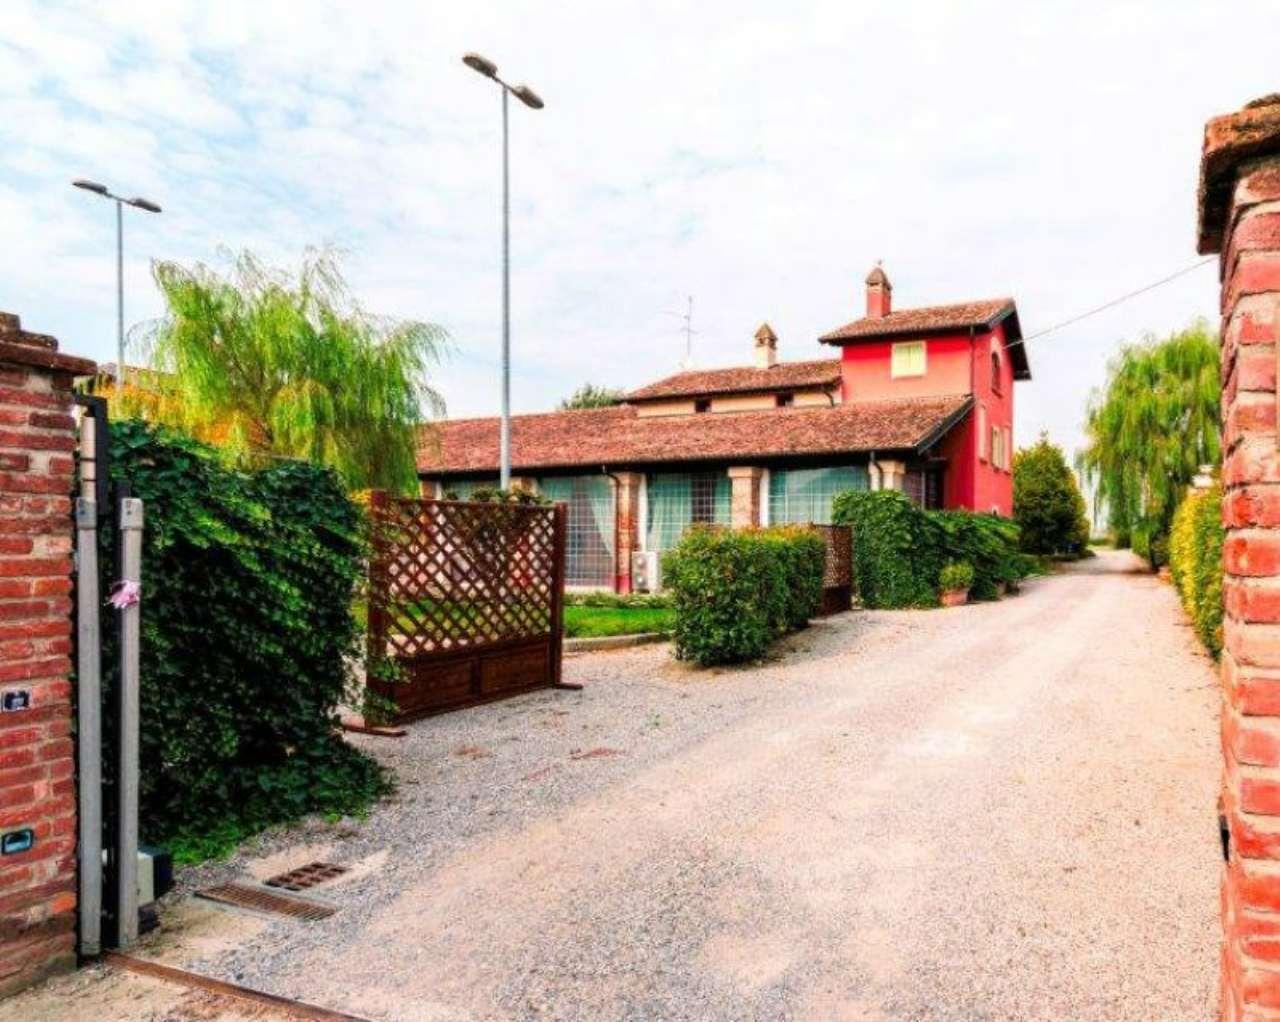 Attività / Licenza in vendita a Lodi, 25 locali, prezzo € 1.500.000 | Cambio Casa.it